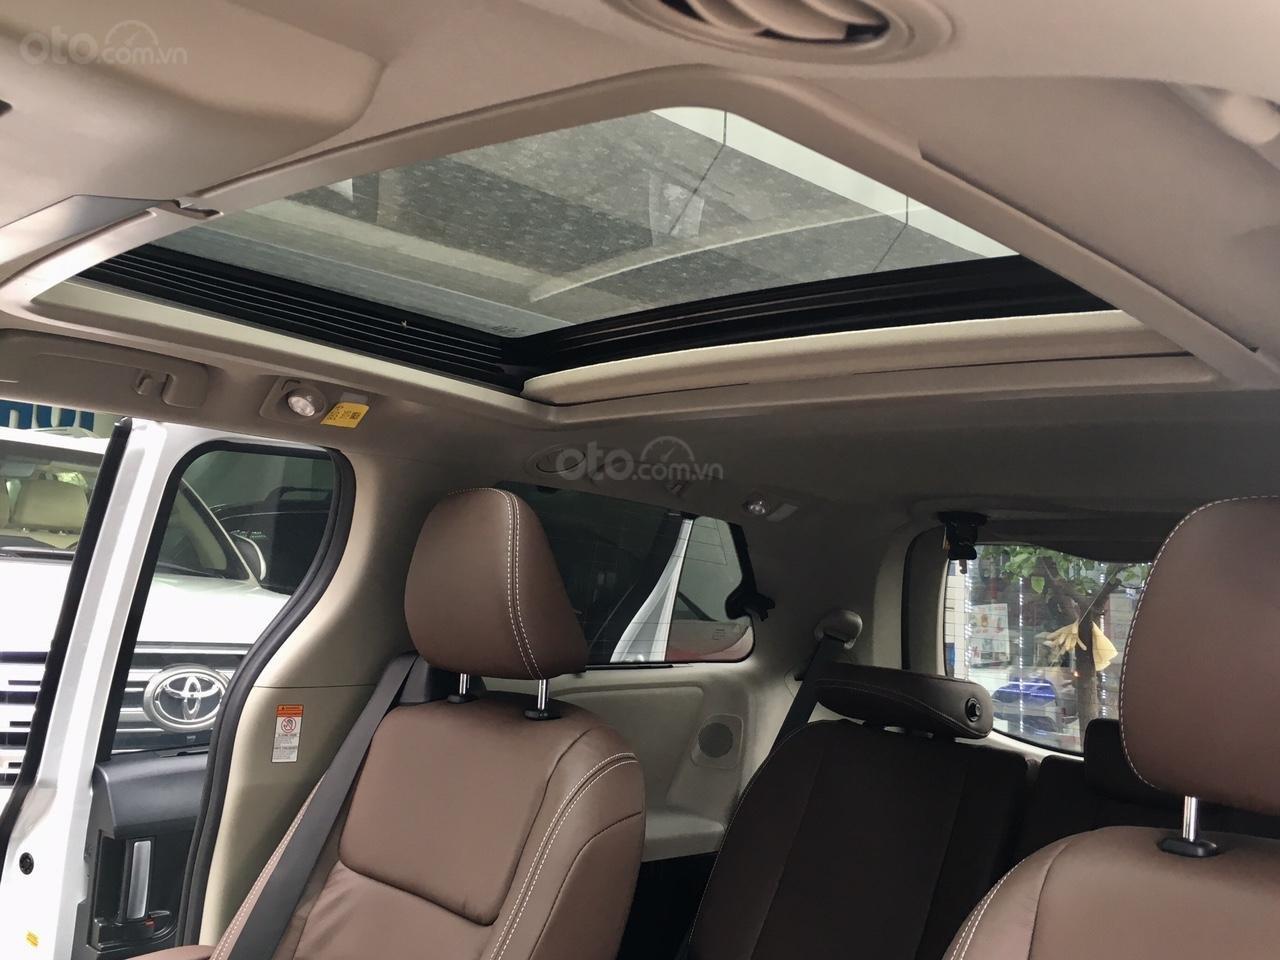 Bán Toyota Sienna Limited 1 cầu 2019, nhập Mỹ đủ màu, Lh 0945.39.2468 Ms Hương (11)